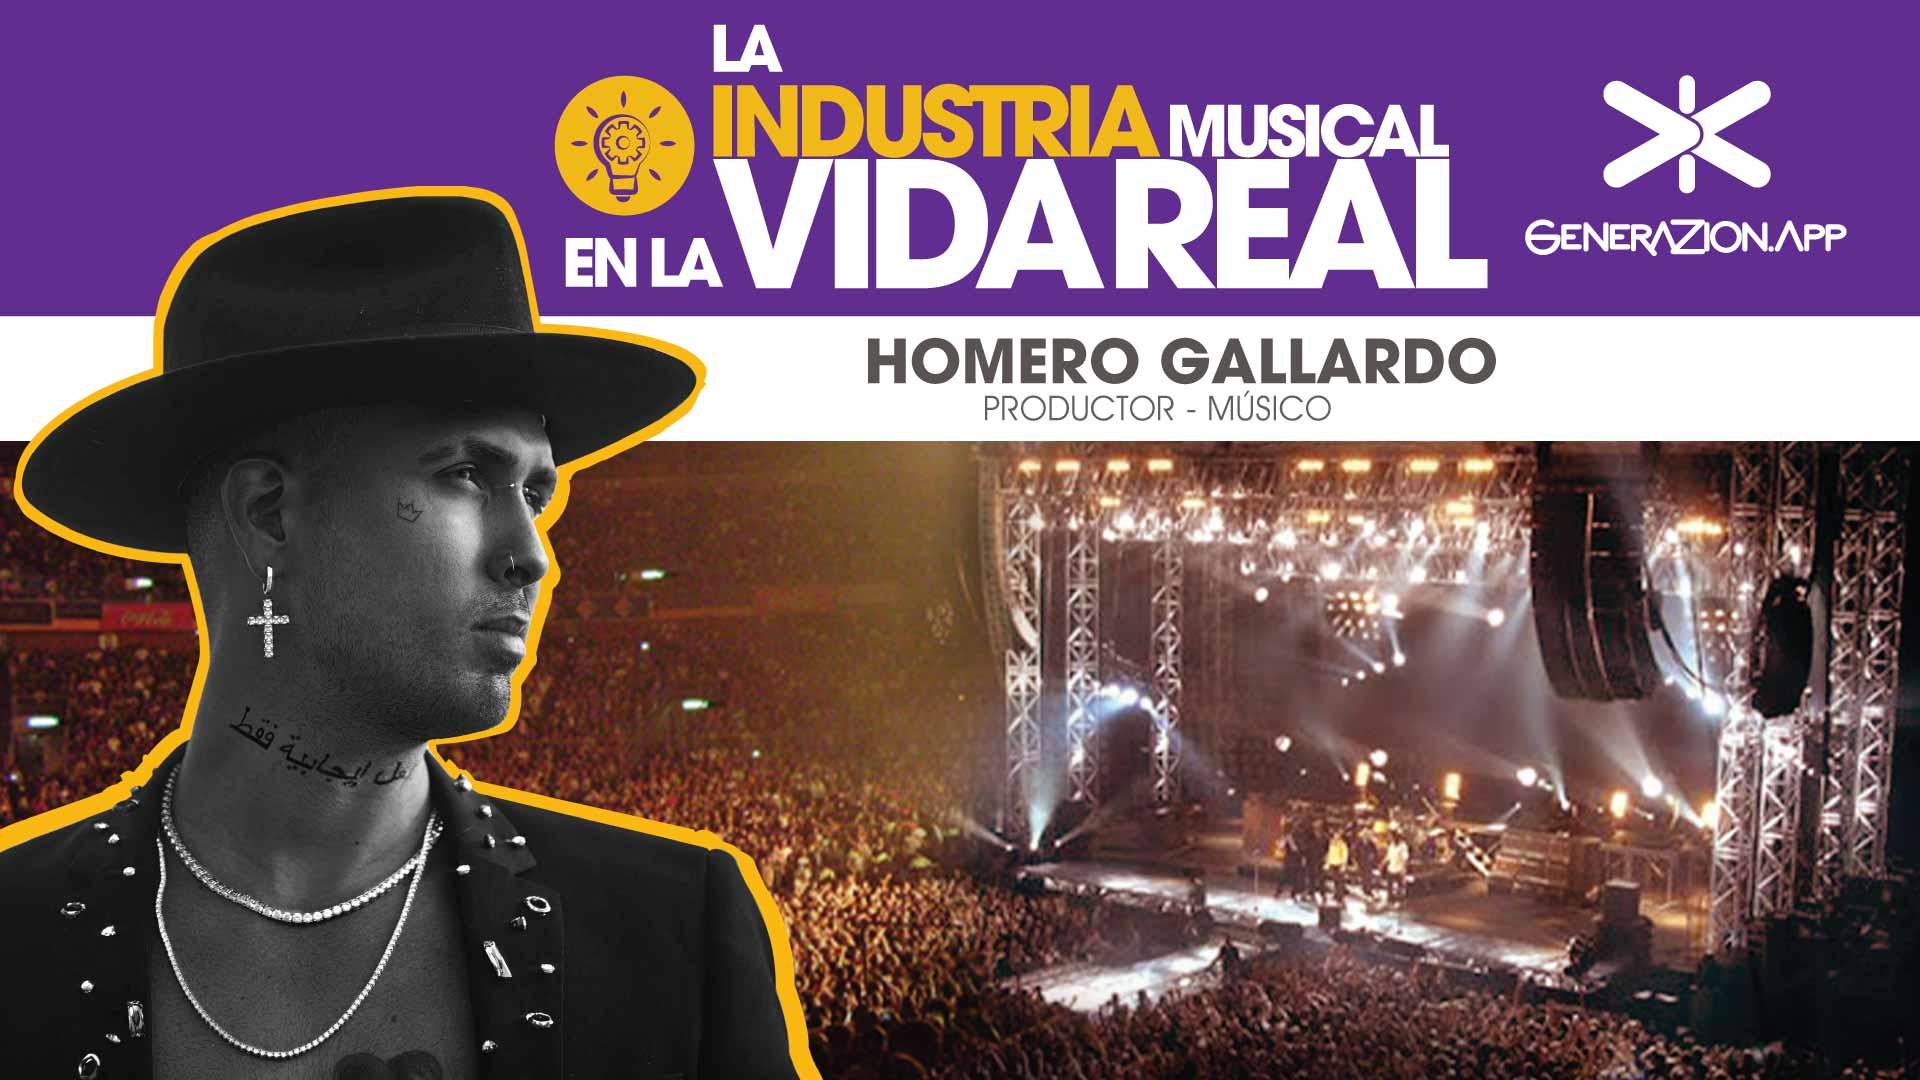 La-industria-en-la-musica-en-la-vida-real-px1920